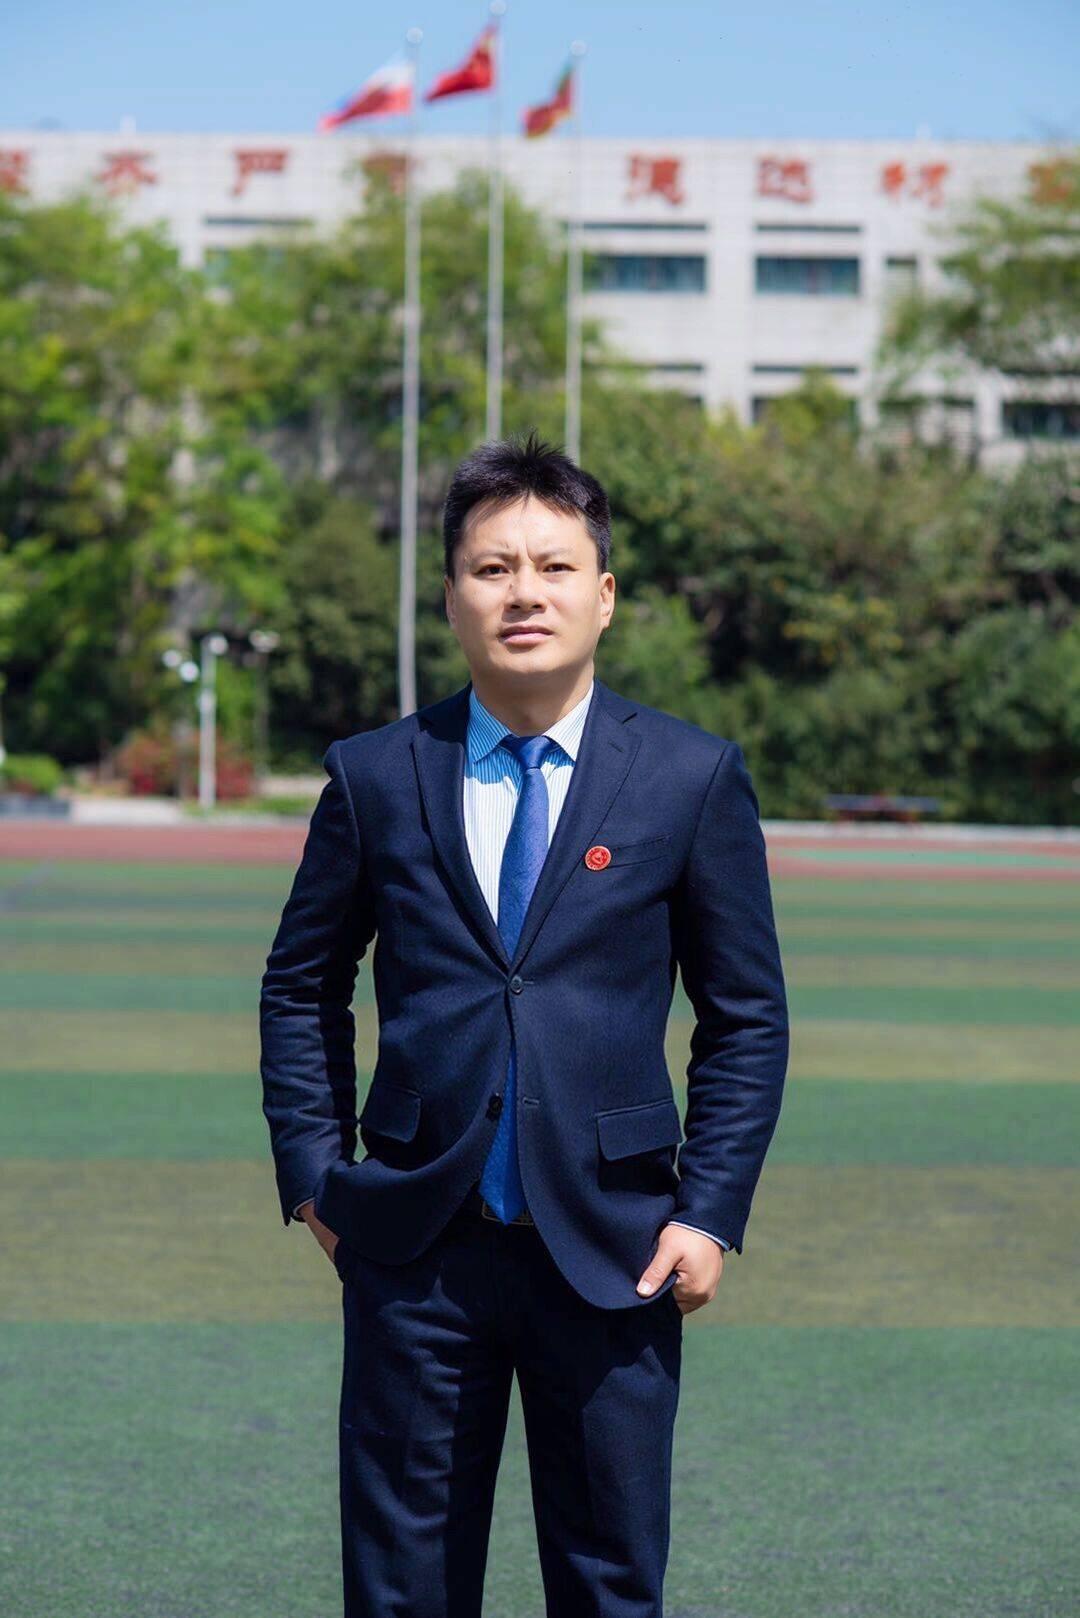 成都石室天府中学校长唐宇: 当大家都在拼中考、拼高考的时候,校长必须要有定力